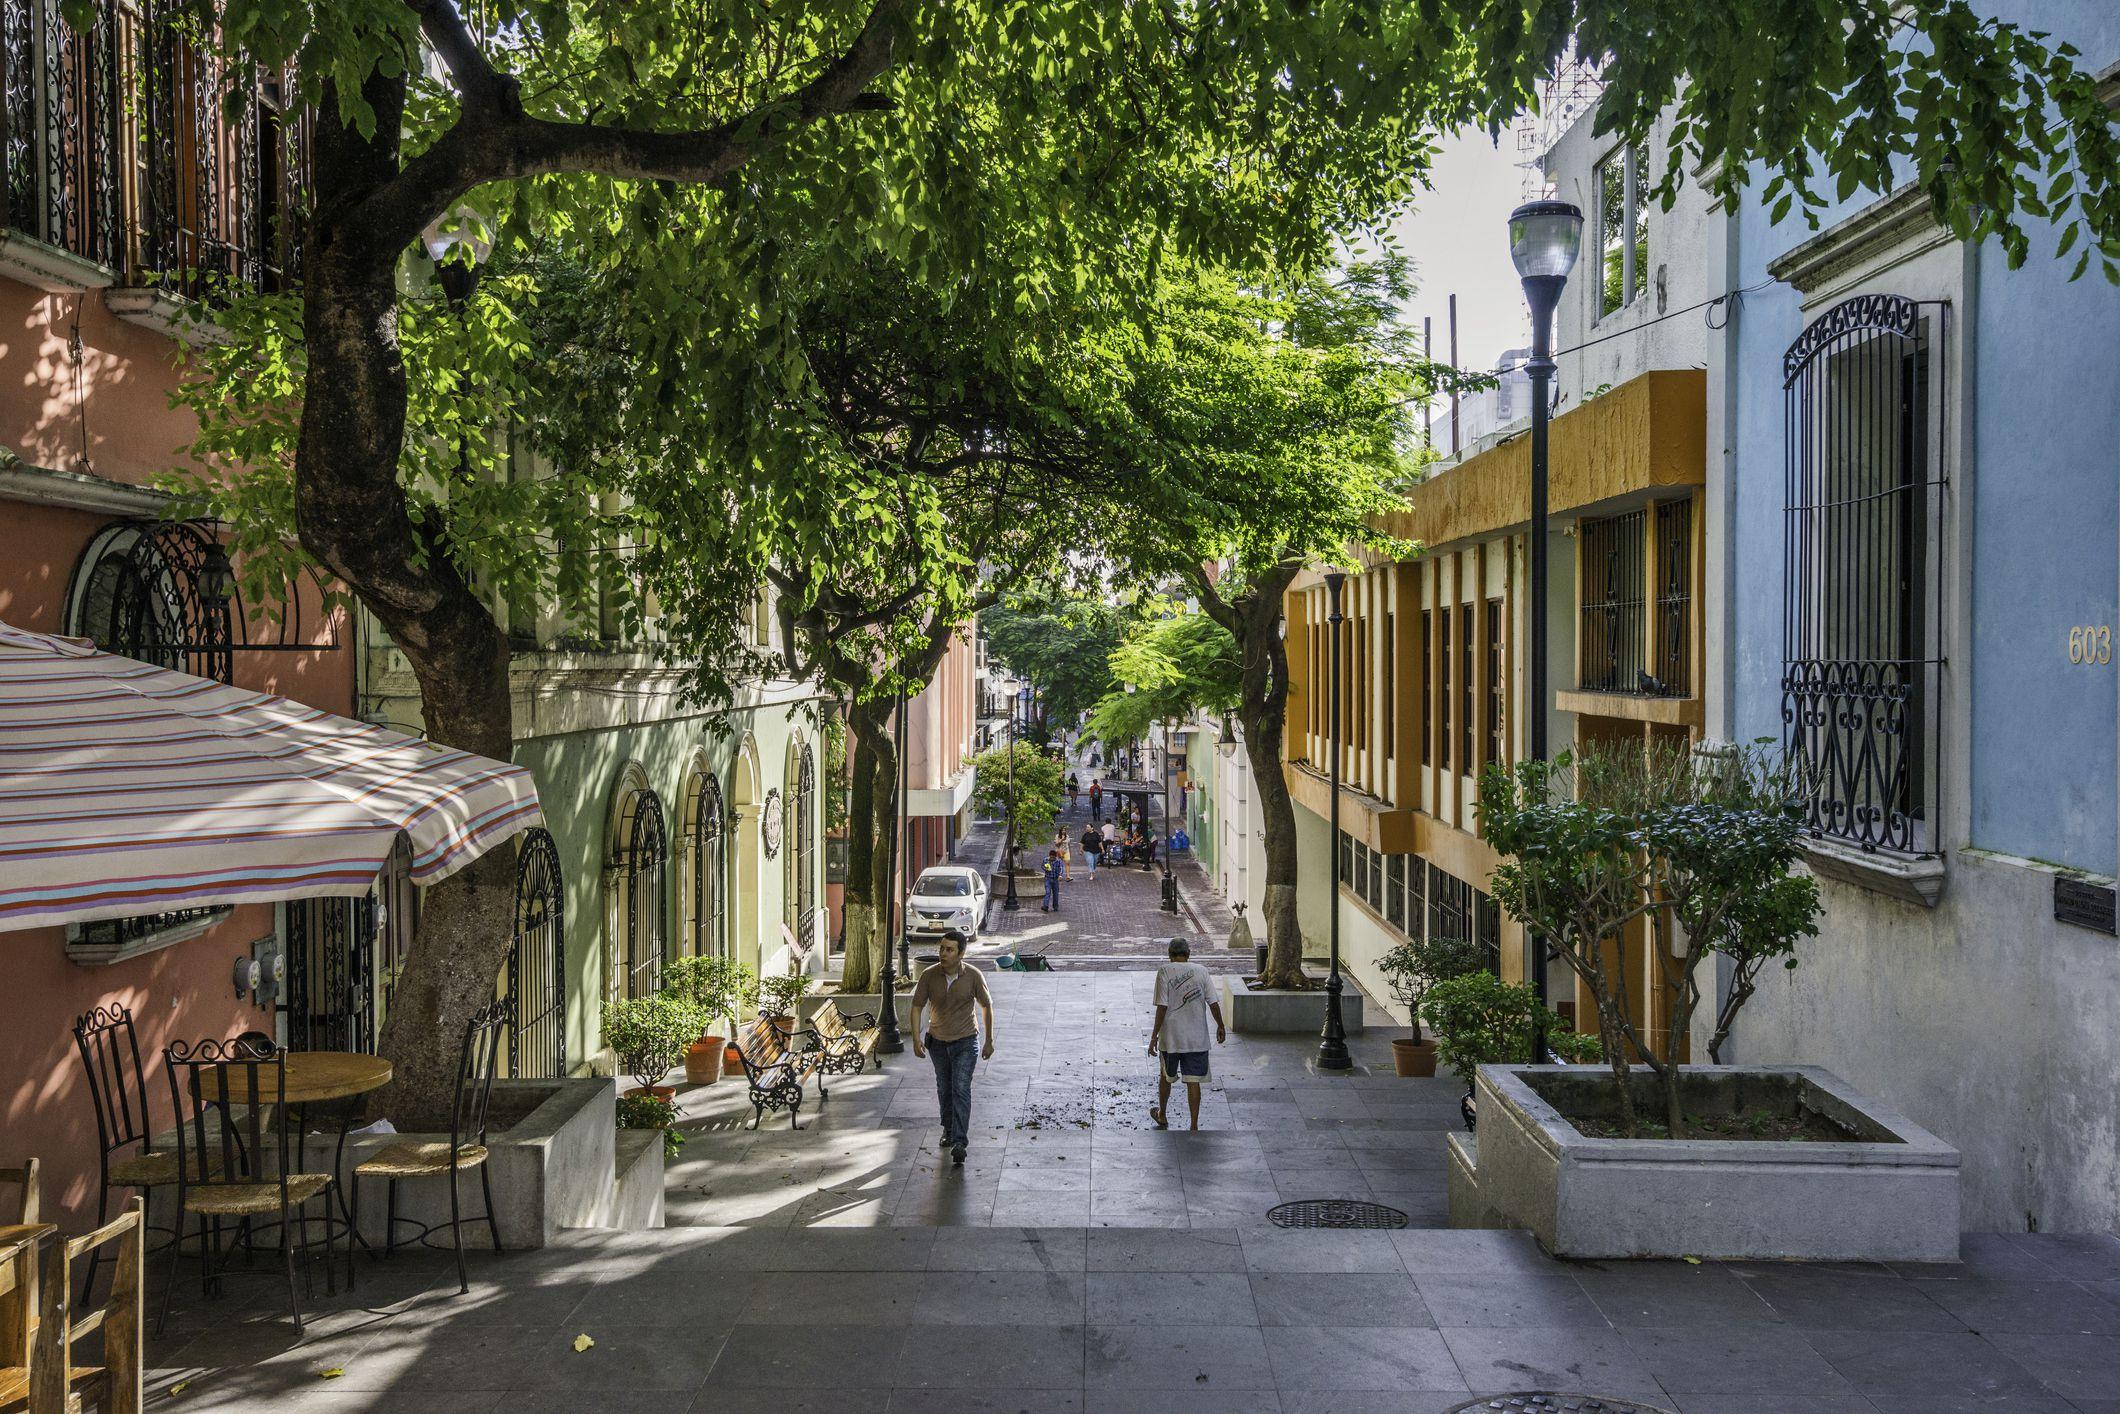 Calle Tejada in Villahermosa, Tabasco, Mexico